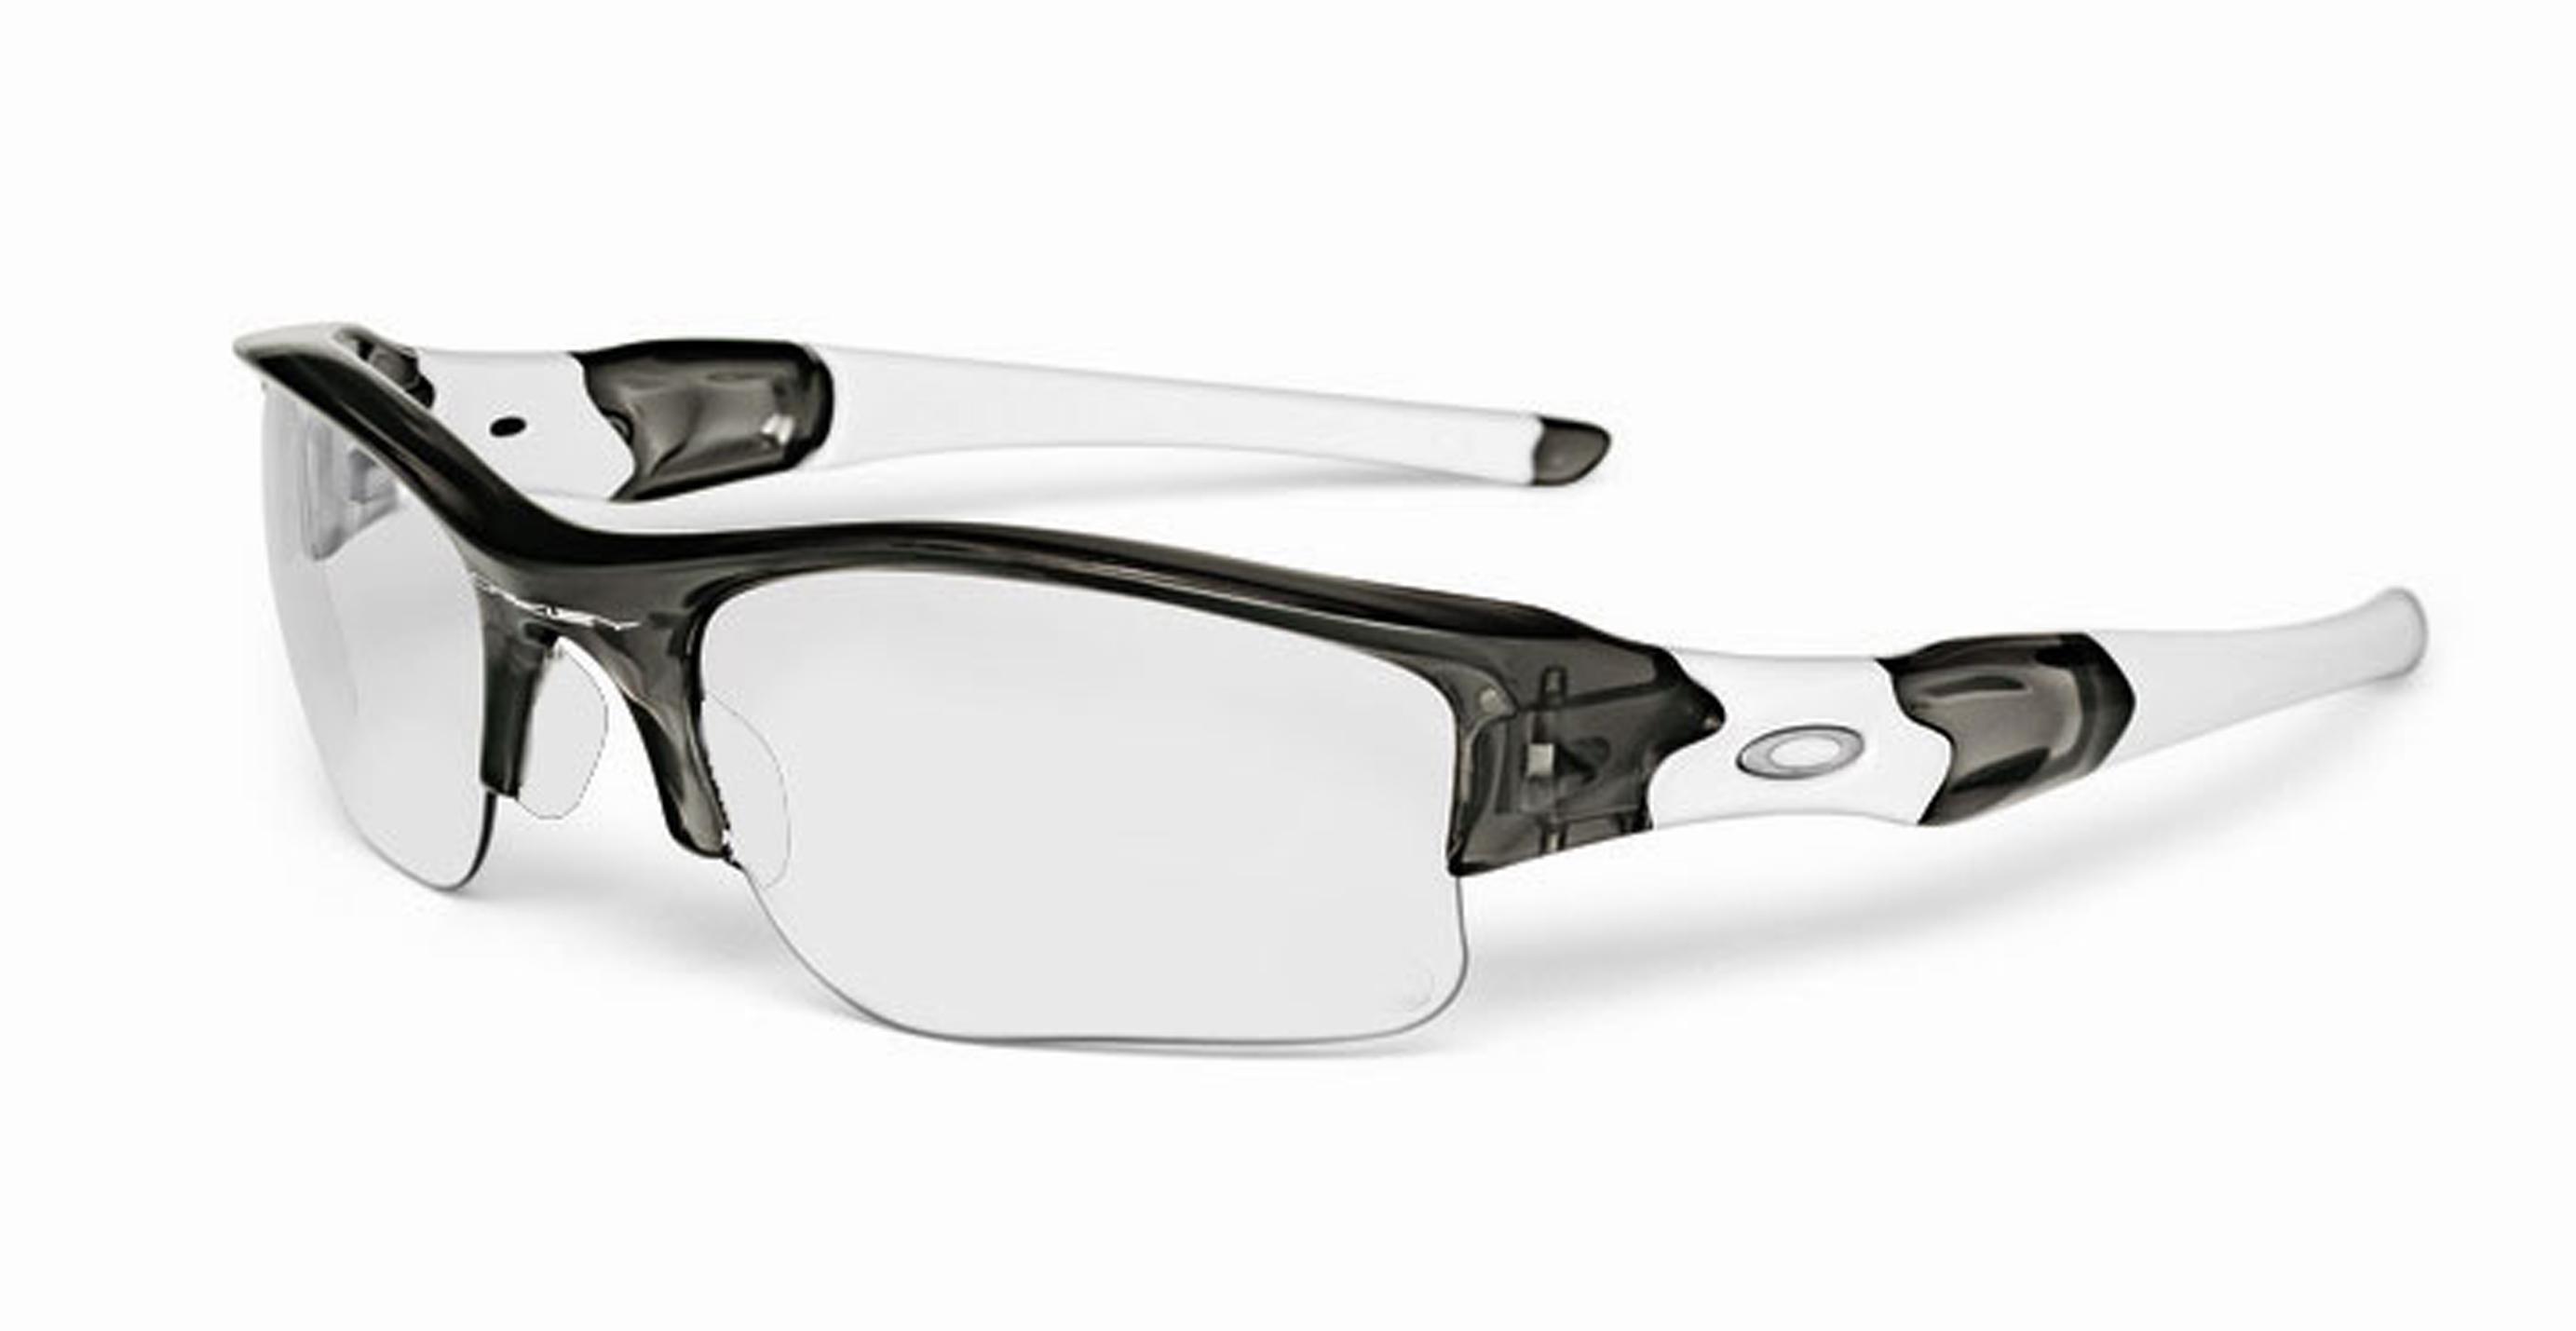 3bf7858999 Oakley Half Jacket Crystal Frame Multicolor Lens « One More Soul